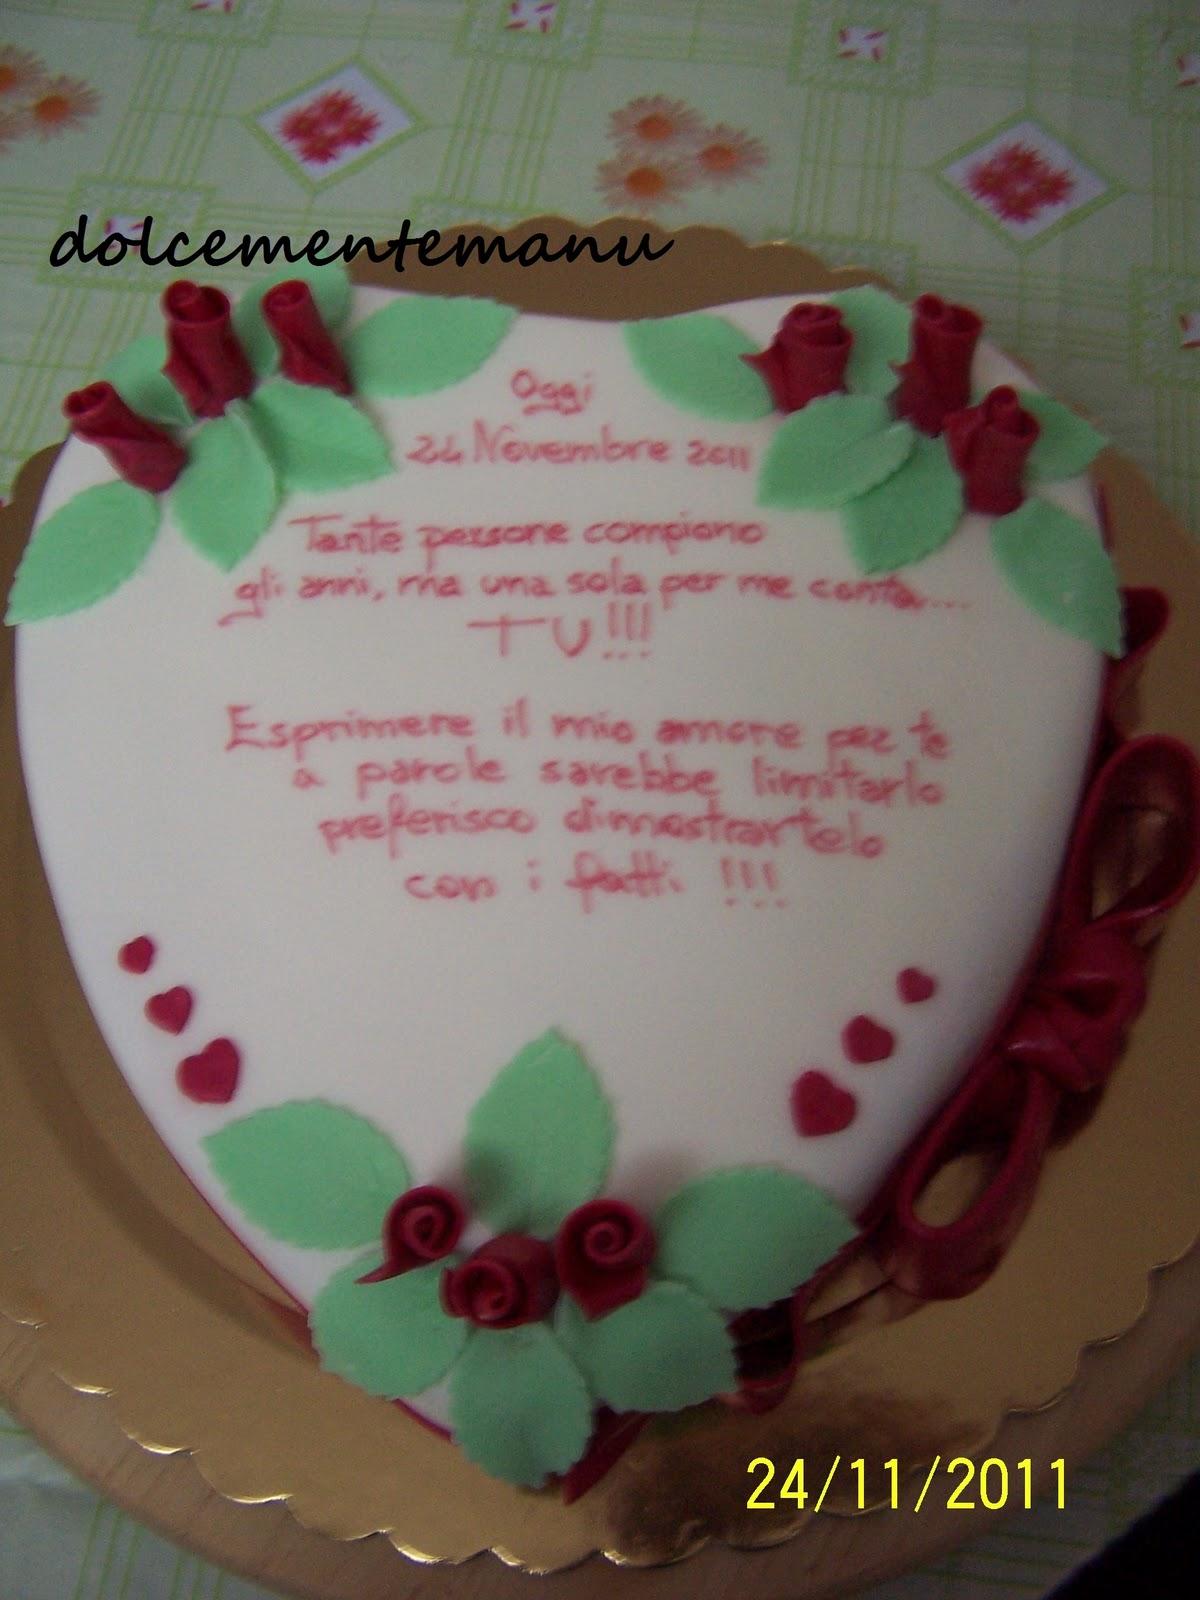 Estremamente dolcementemanu: promessa di matrimonio! JM83